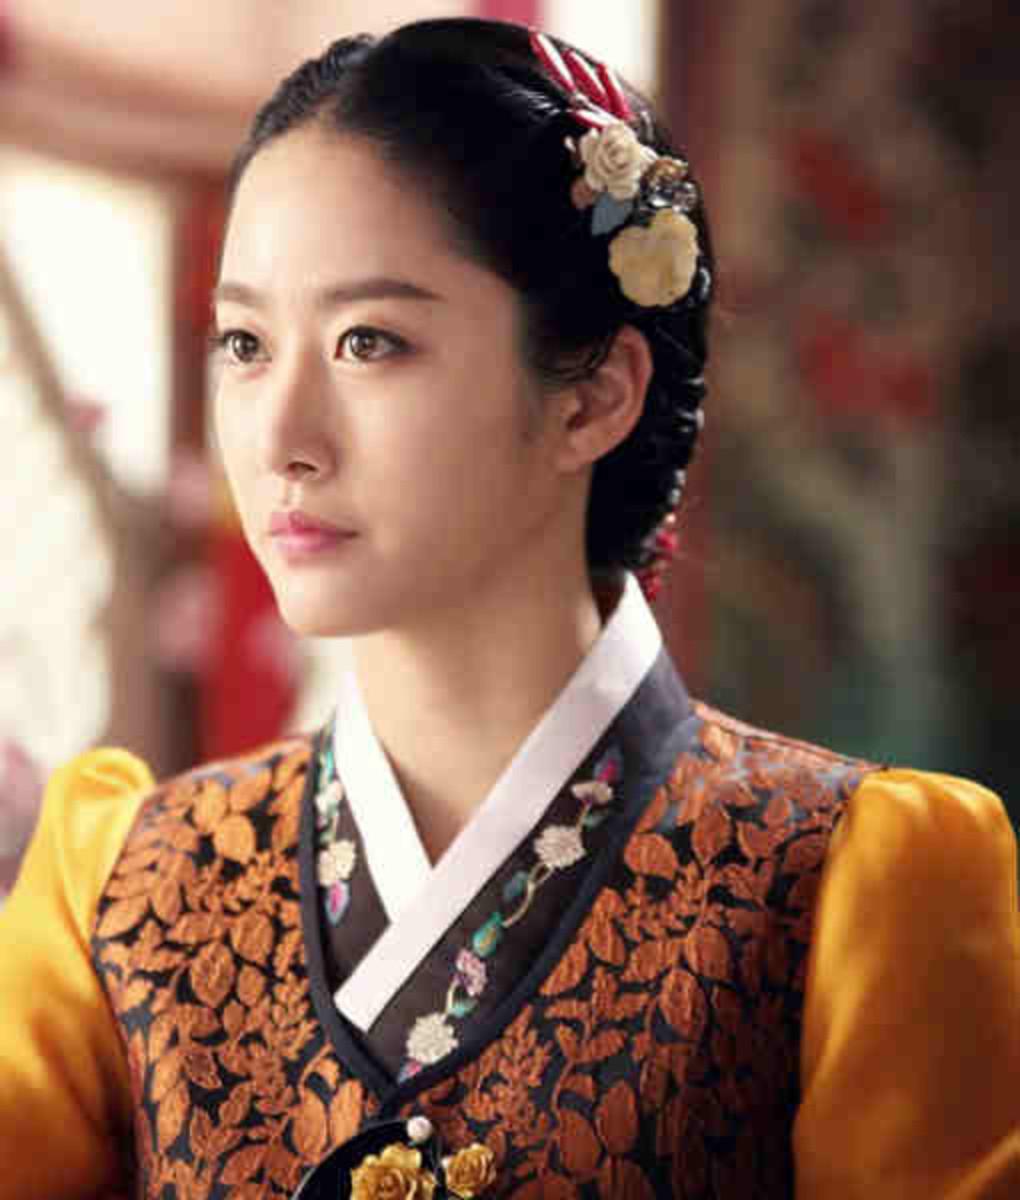 Jeon Hye-bin as Choi Hye-won in Gunman in Joseon